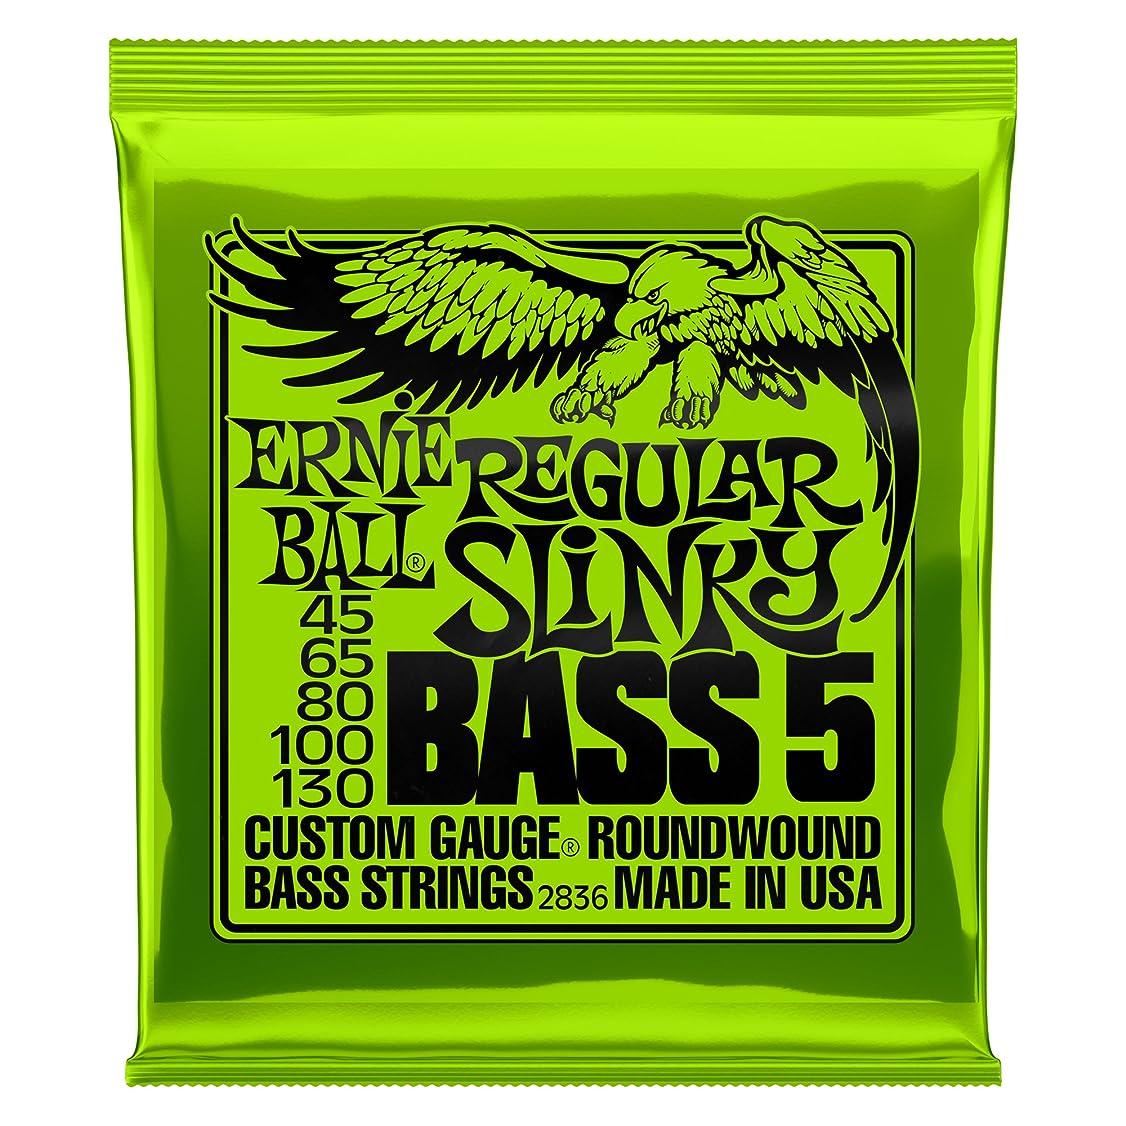 力弾性反対した【正規品】 ERNIE BALL ベース弦 5弦 レギュラー (45-130) 2836 Regular Slinky Bass 5